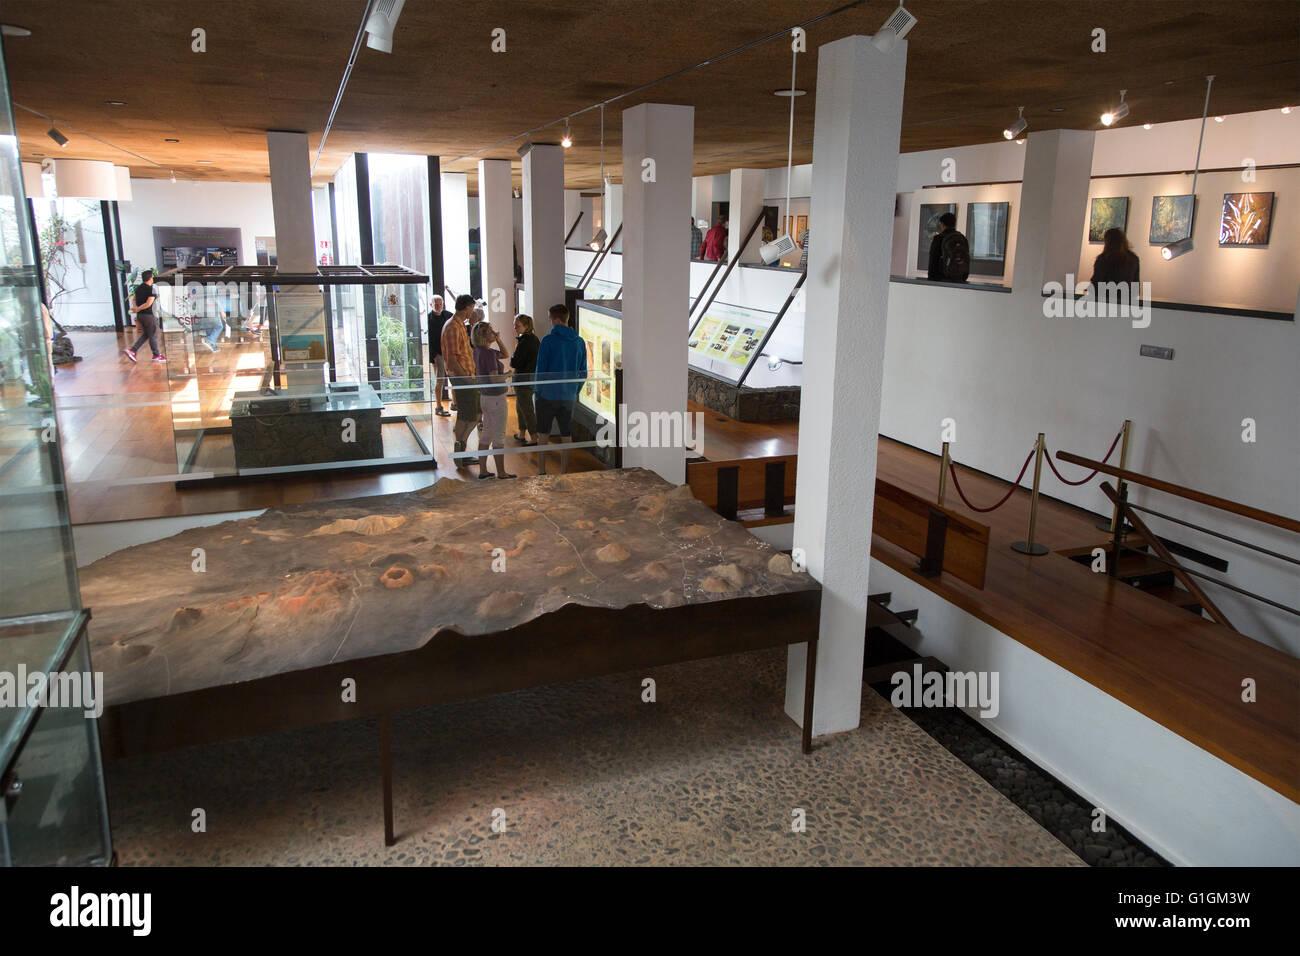 Timanfaya Volcano Interpretation and Visitors' Centre, Lanzarote, Canary Islands, Spain - Stock Image